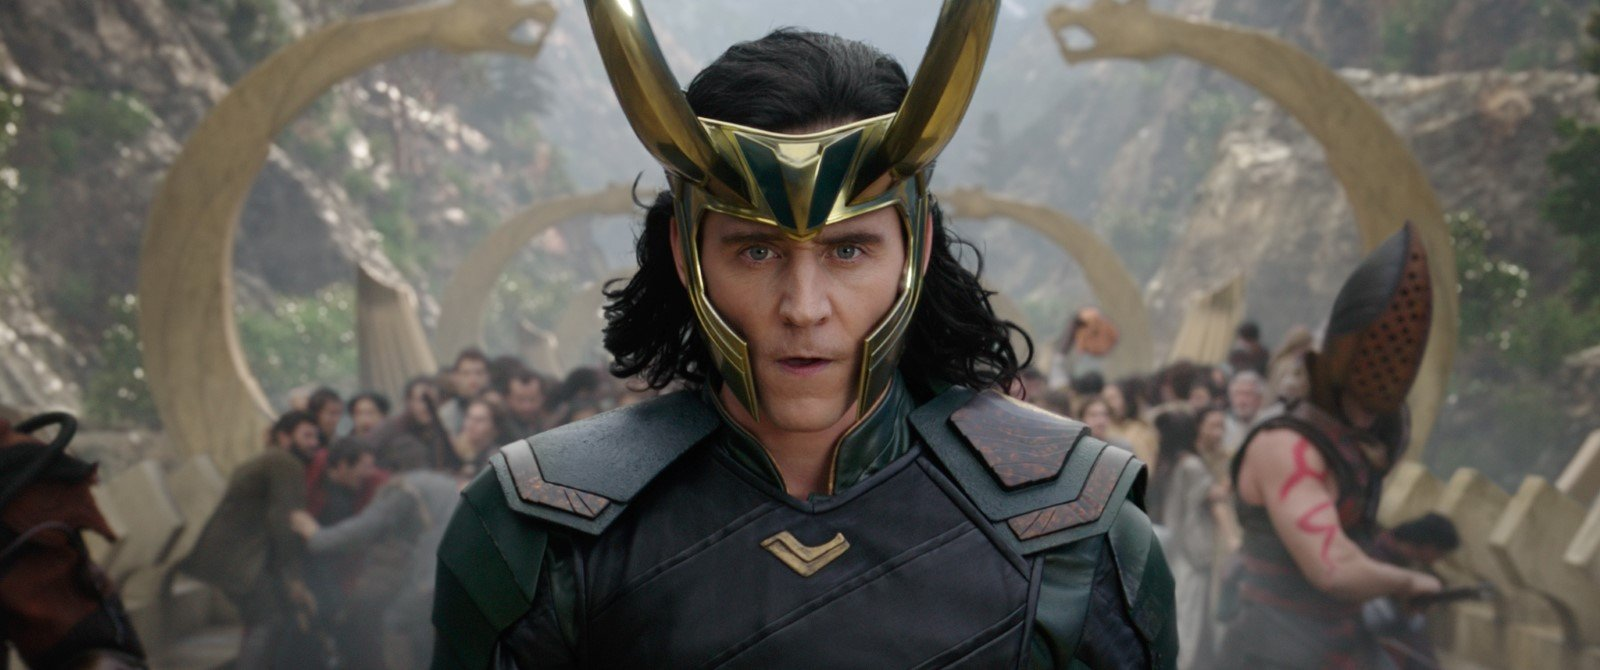 Disney+ : la série consacrée à Loki arrivera début 2021